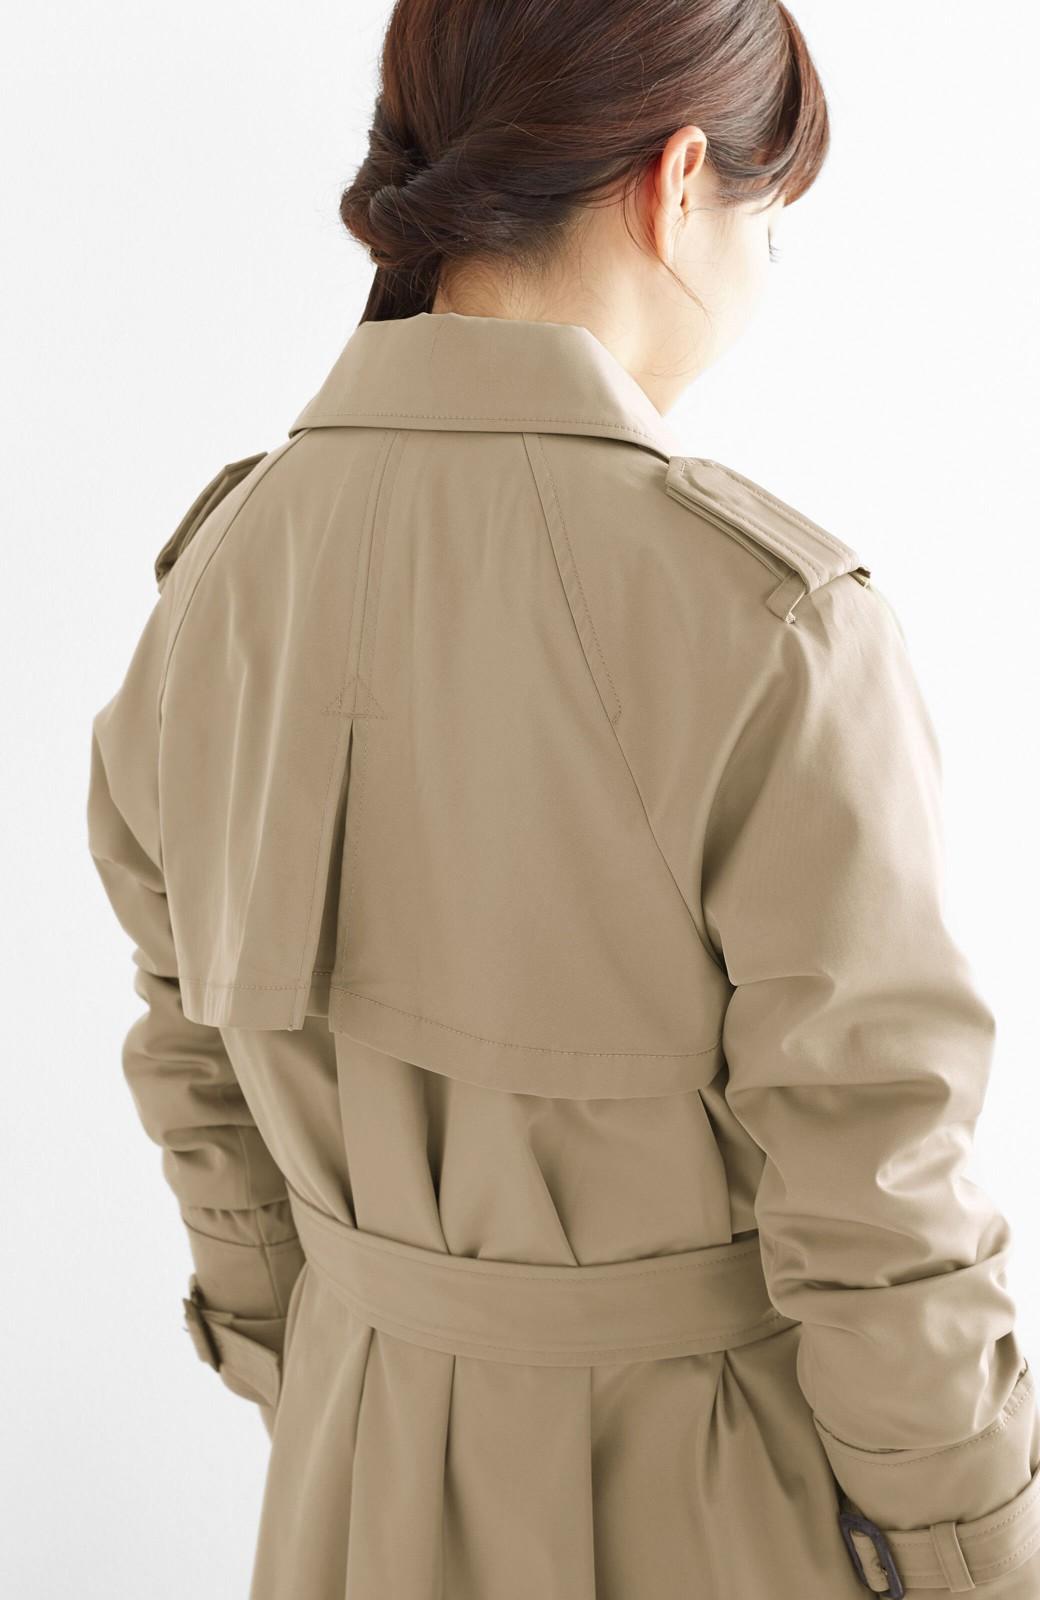 エムトロワ さっと羽織ってかっこいいロングトレンチコート <ベージュ>の商品写真21